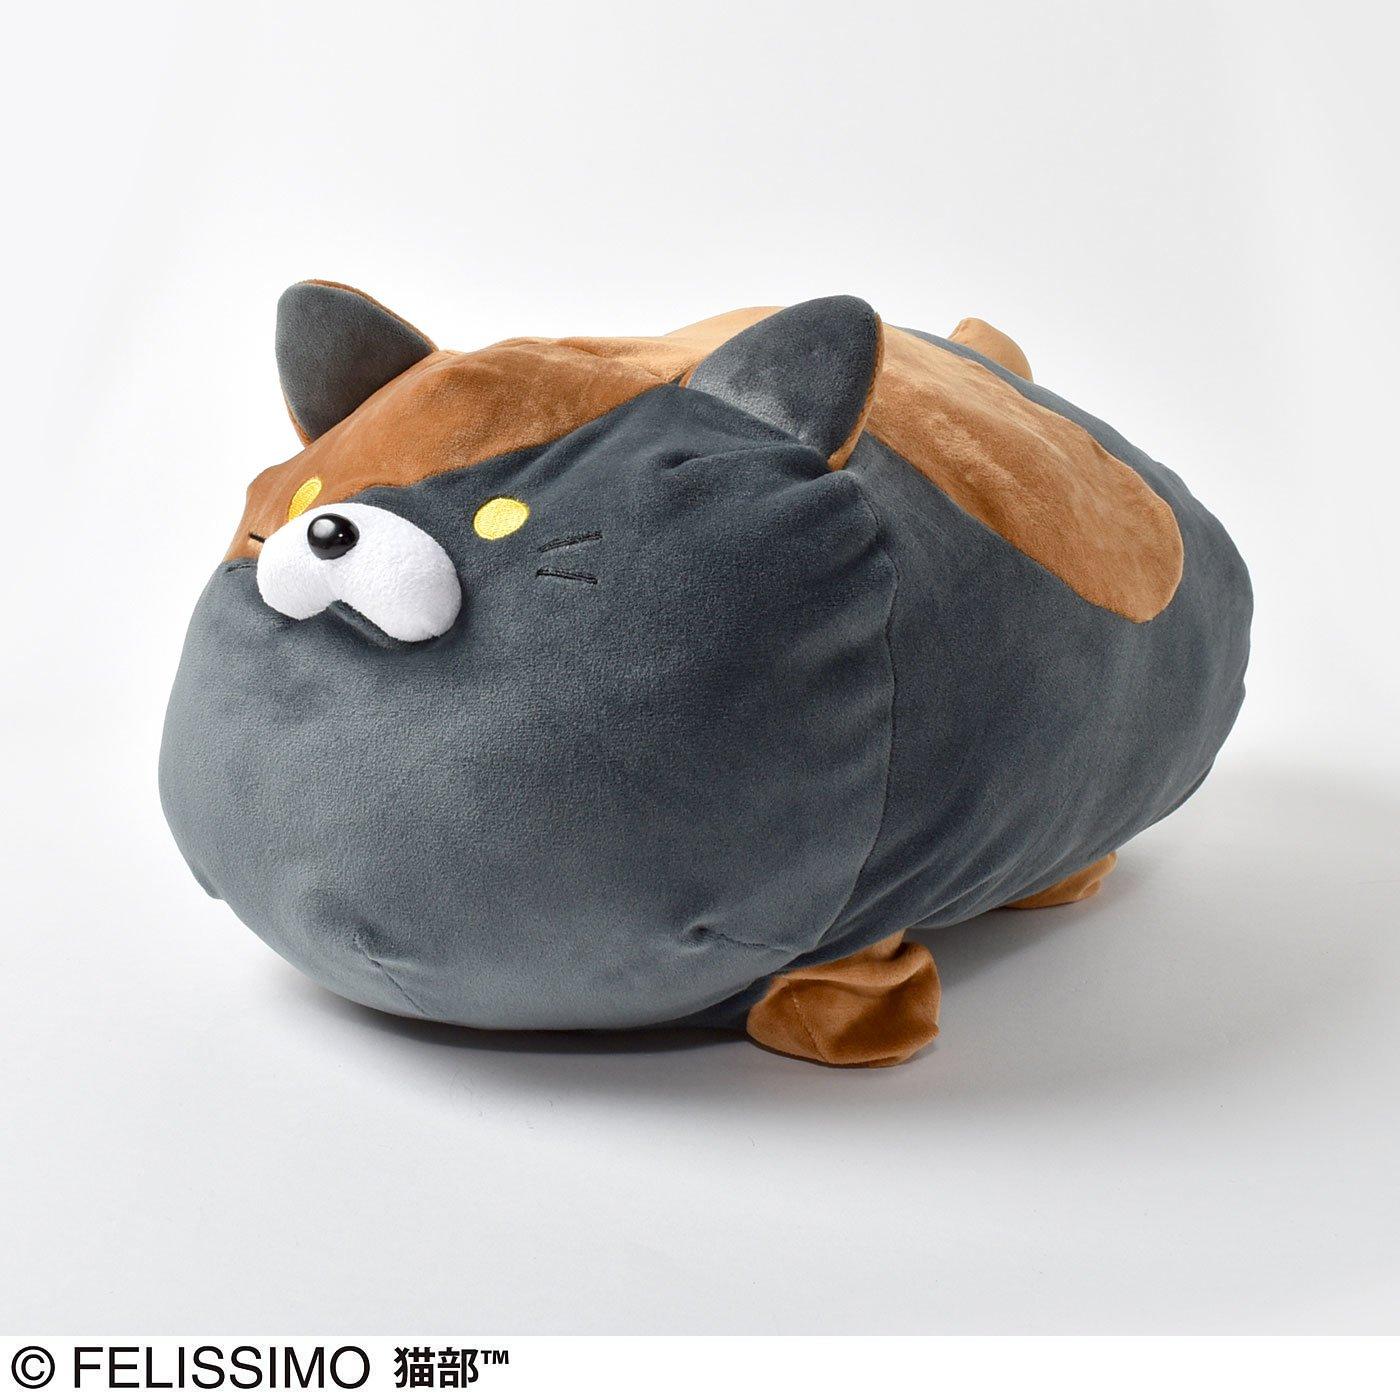 フェリシモ猫部×ごろねこサミットクッション